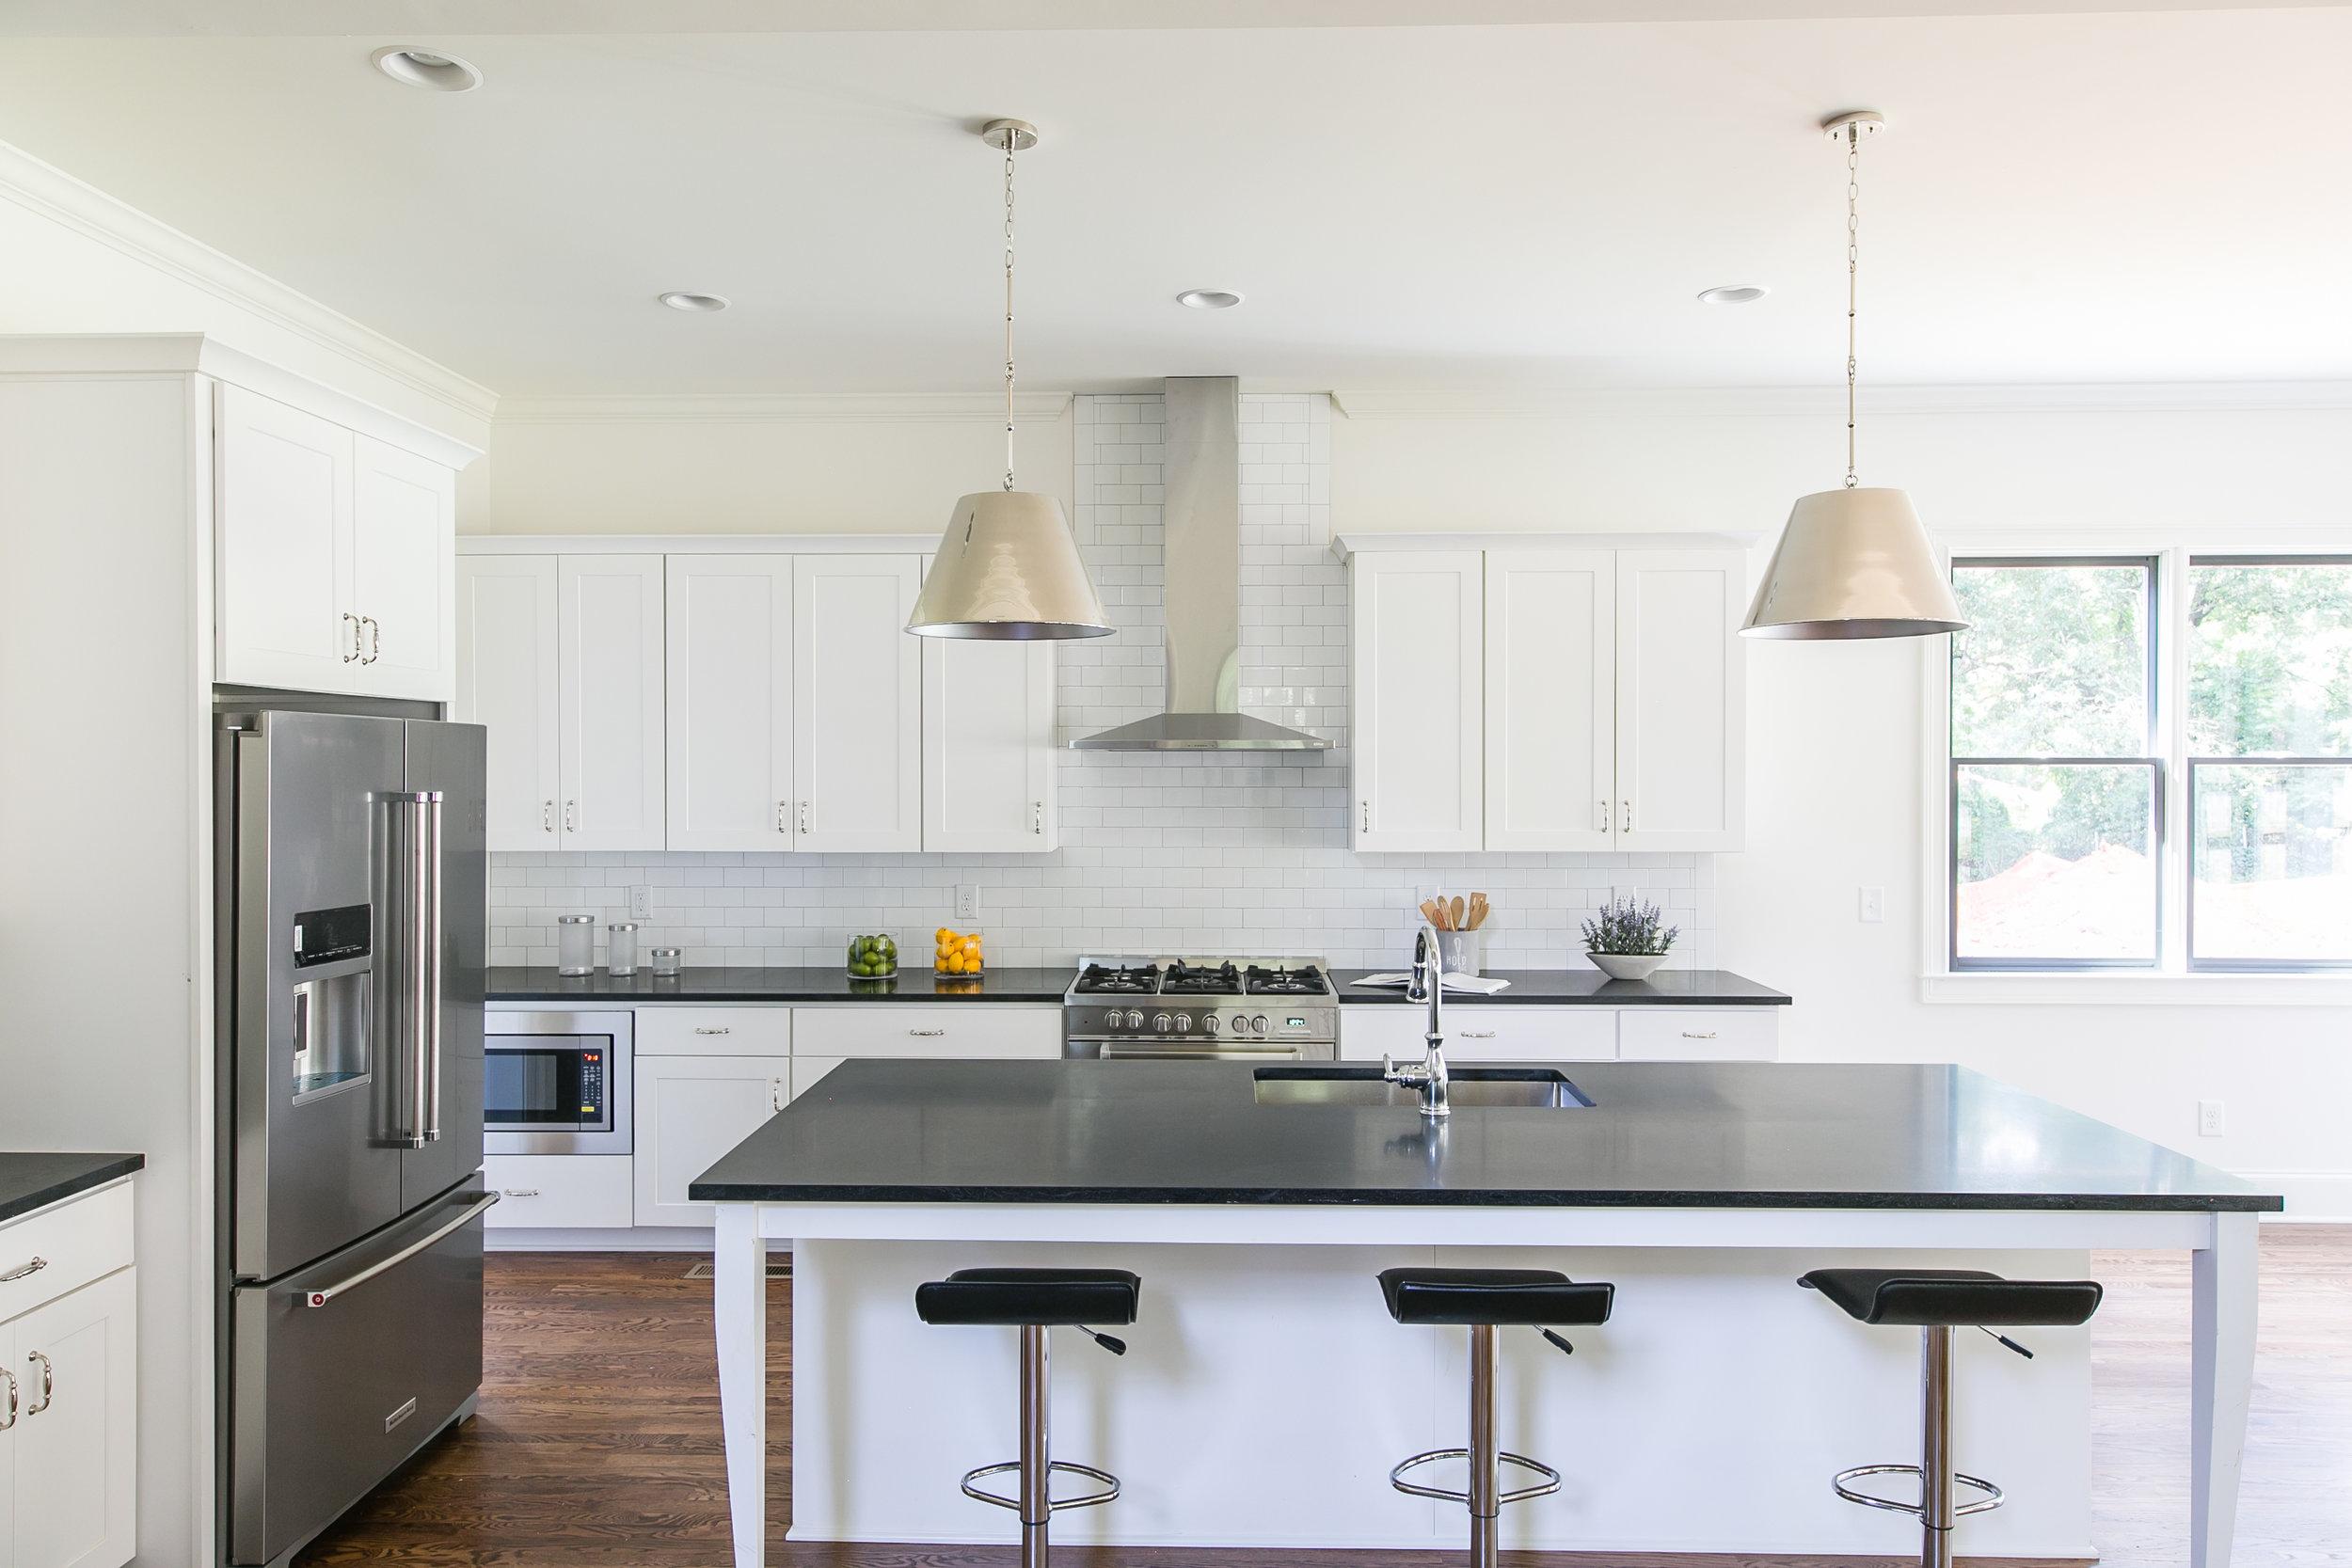 224 Rockyford-Kitchen 1.jpg